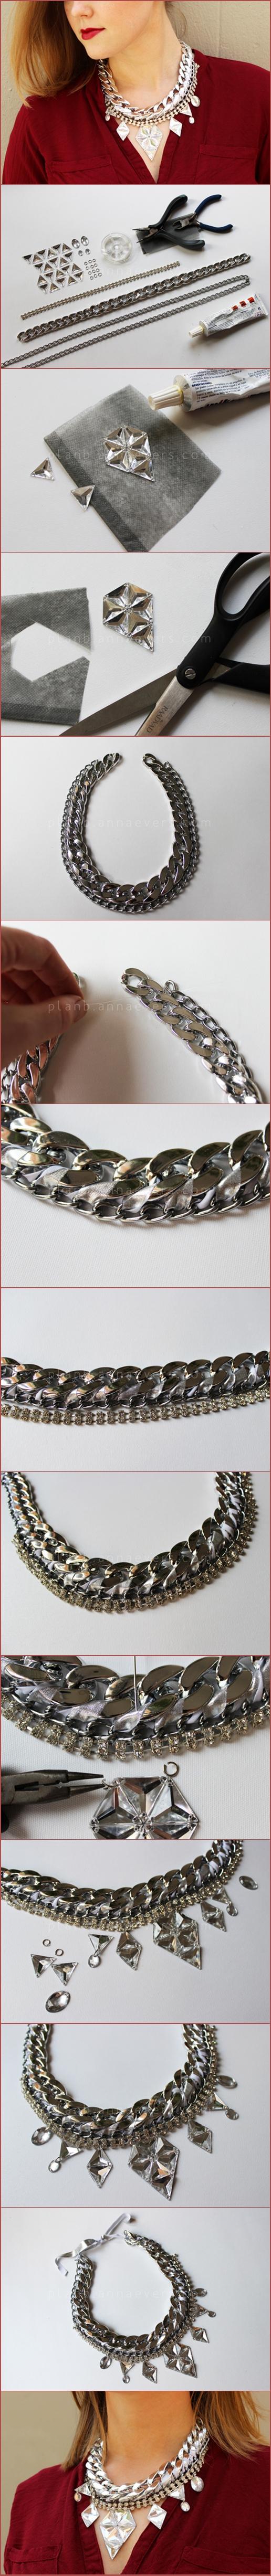 DIY Silver maxi necklace